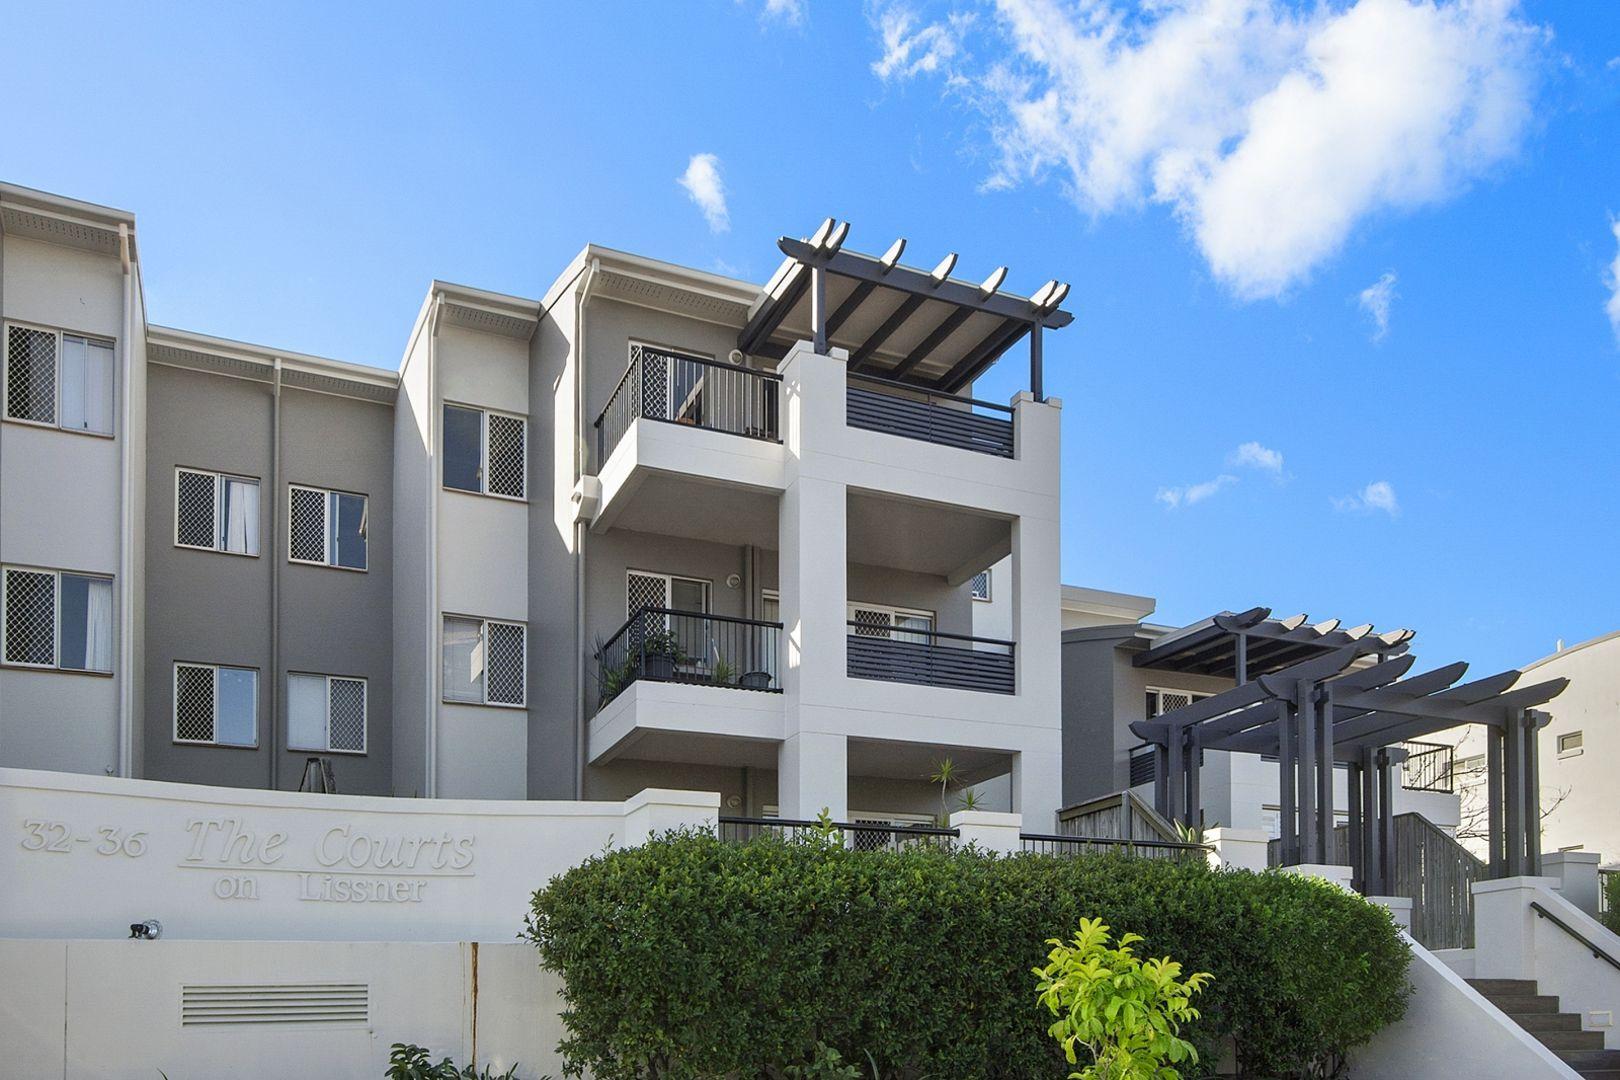 27, 32-36 Lissner Street, Toowong QLD 4066, Image 2